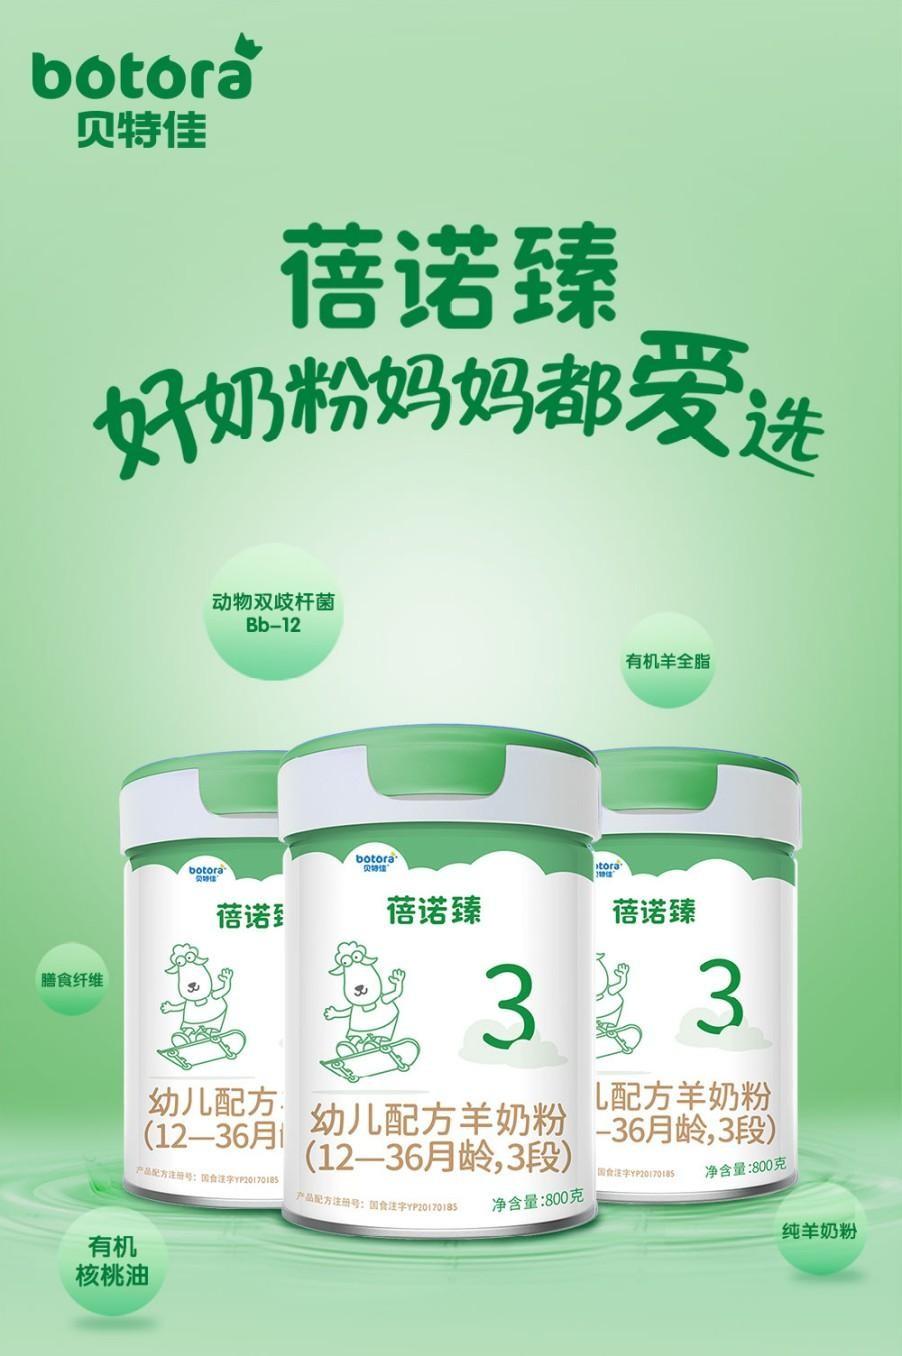 贝特佳专注营养配方,携手蓓诺臻羊奶粉为中国宝宝奉上品质好奶